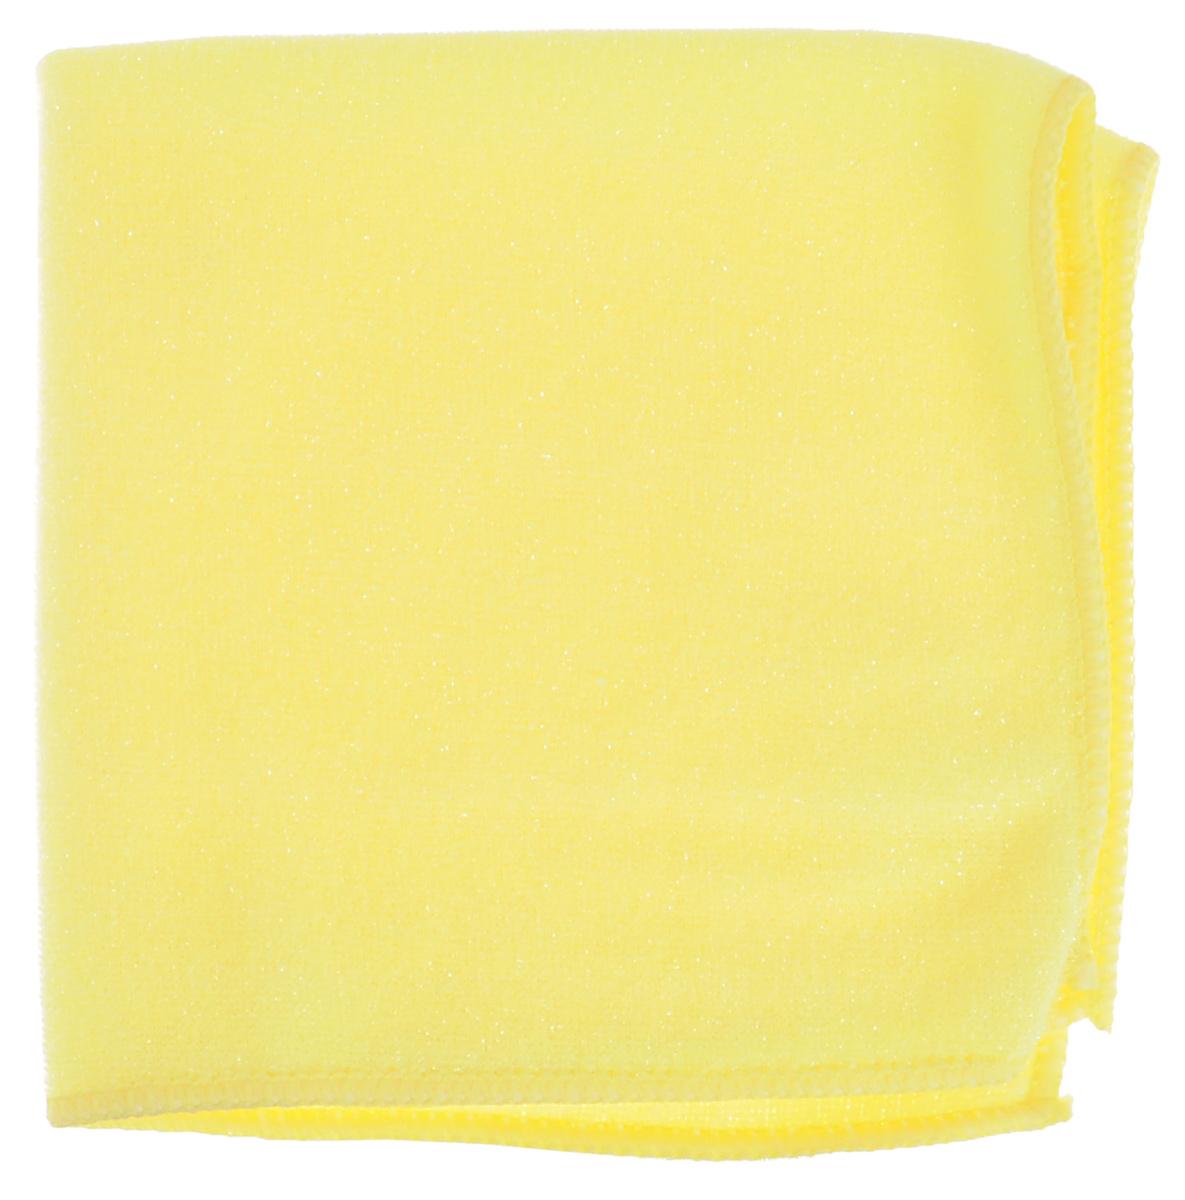 Салфетка из микрофибры York, двухсторонняя, для керамики, цвет: желтый, 30 х 30 см2617Салфетка York, выполненная из микрофибры, оснащена абразивной сеткой, которая удаляет стойкие загрязнения различного происхождения с твердых неокрашенных и нелакированных покрытий, гладкая сторона эффективно очищает и полирует их. Салфетка из микрофибры эффективна для удаления засохших или пригоревших жировых пятен с плиты, керамической плитки и других поверхностей. Устраняет известковые подтеки и недавно появившиеся известковые отложения с сантехники, кранов, плитки, металлических, керамических, стеклянных и пластиковых поверхностей. Салфетка может использоваться для сухой и влажной уборки, в том числе с моющими средствами. Не оставляет разводов и ворсинок. Размер салфетки: 30 см х 30 см.